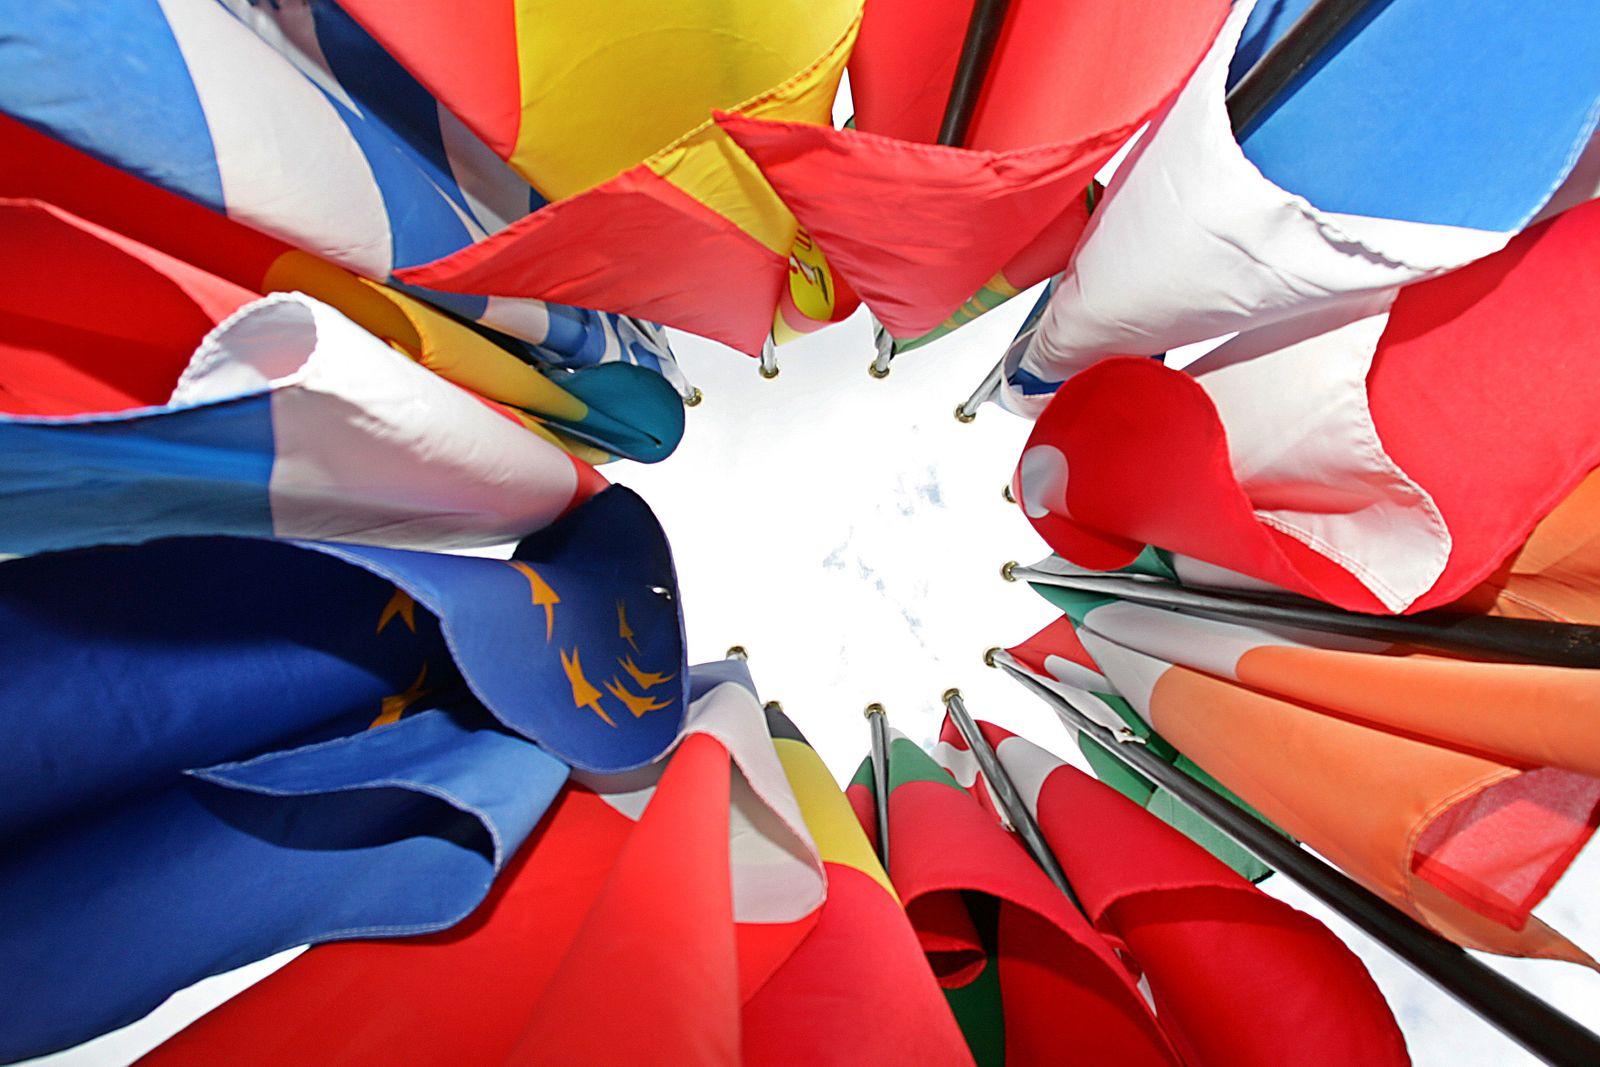 Flaggen der Mitgliedsstaaten der Europäischen Union